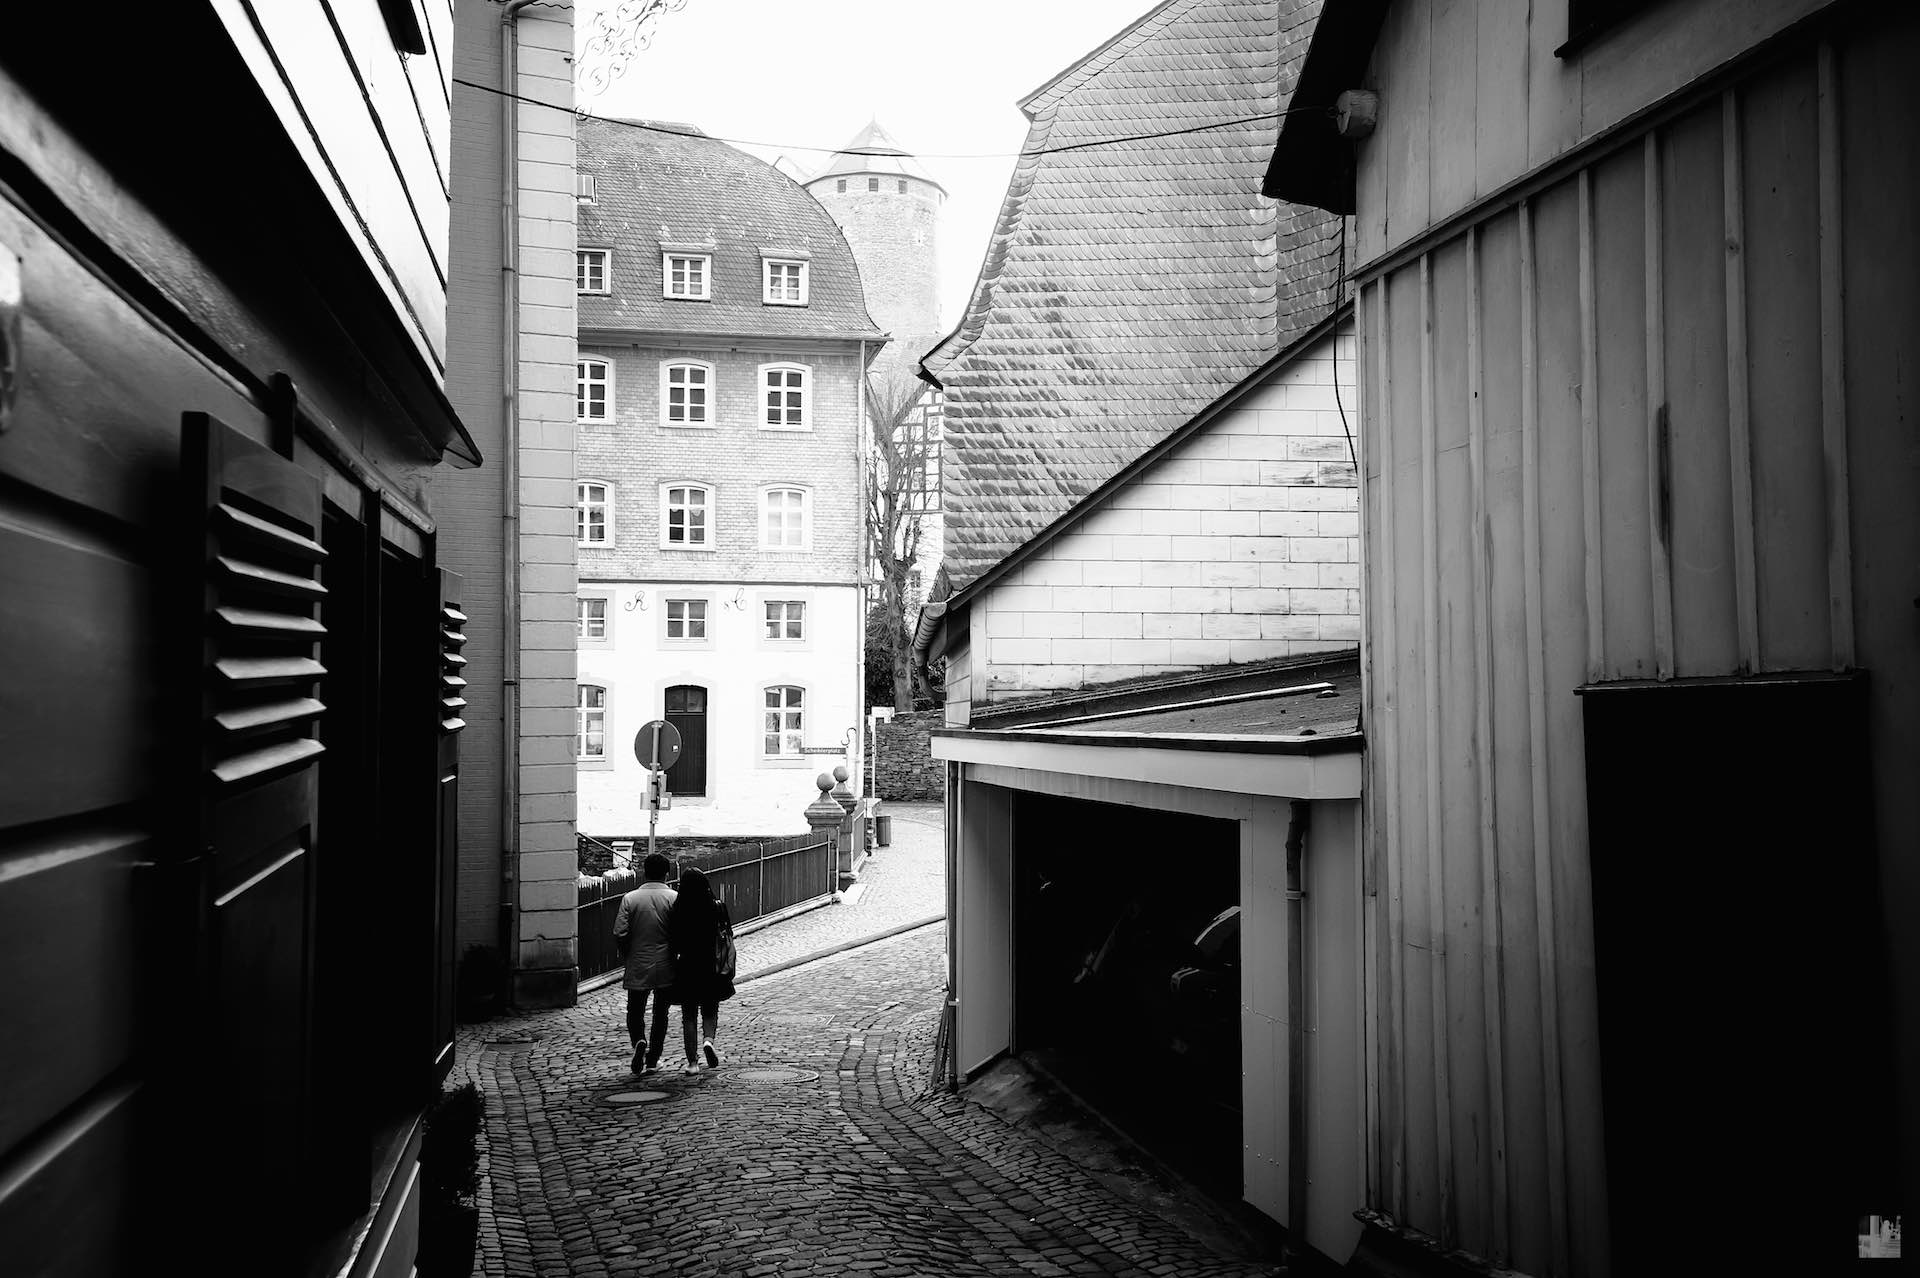 historische Altstadt - BurK.Fotografie